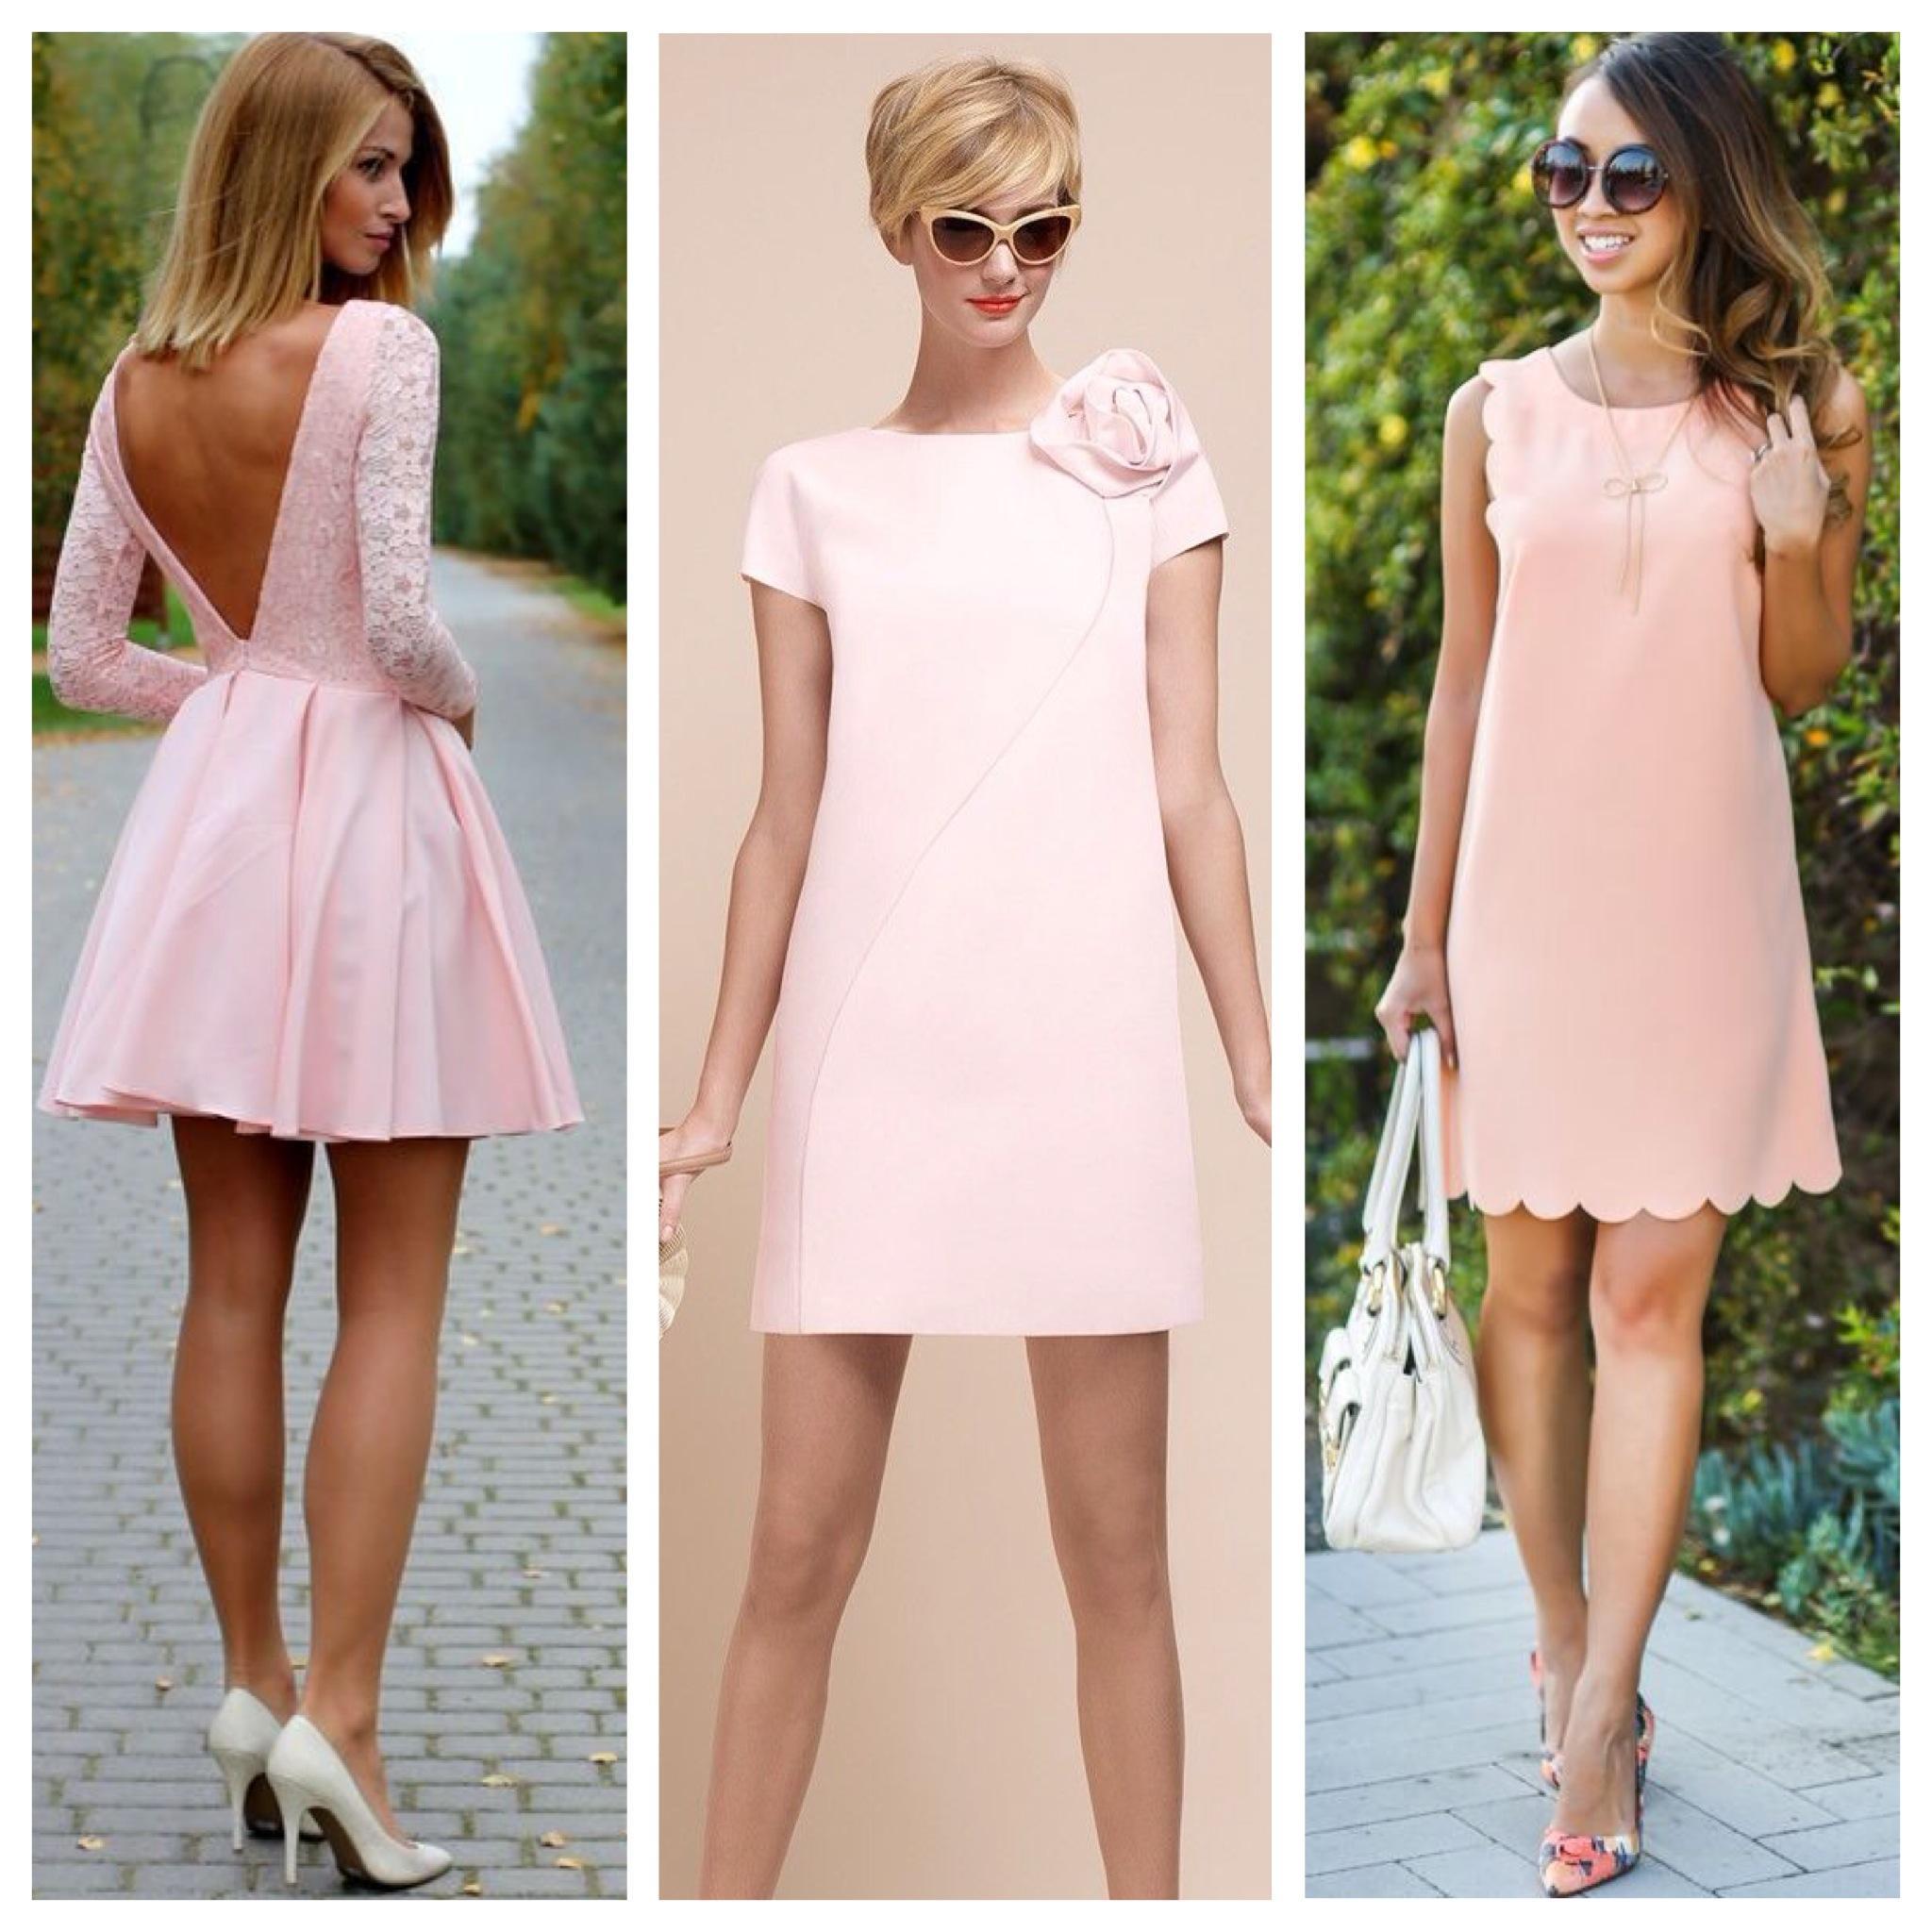 Лилово-розовый цвет платья